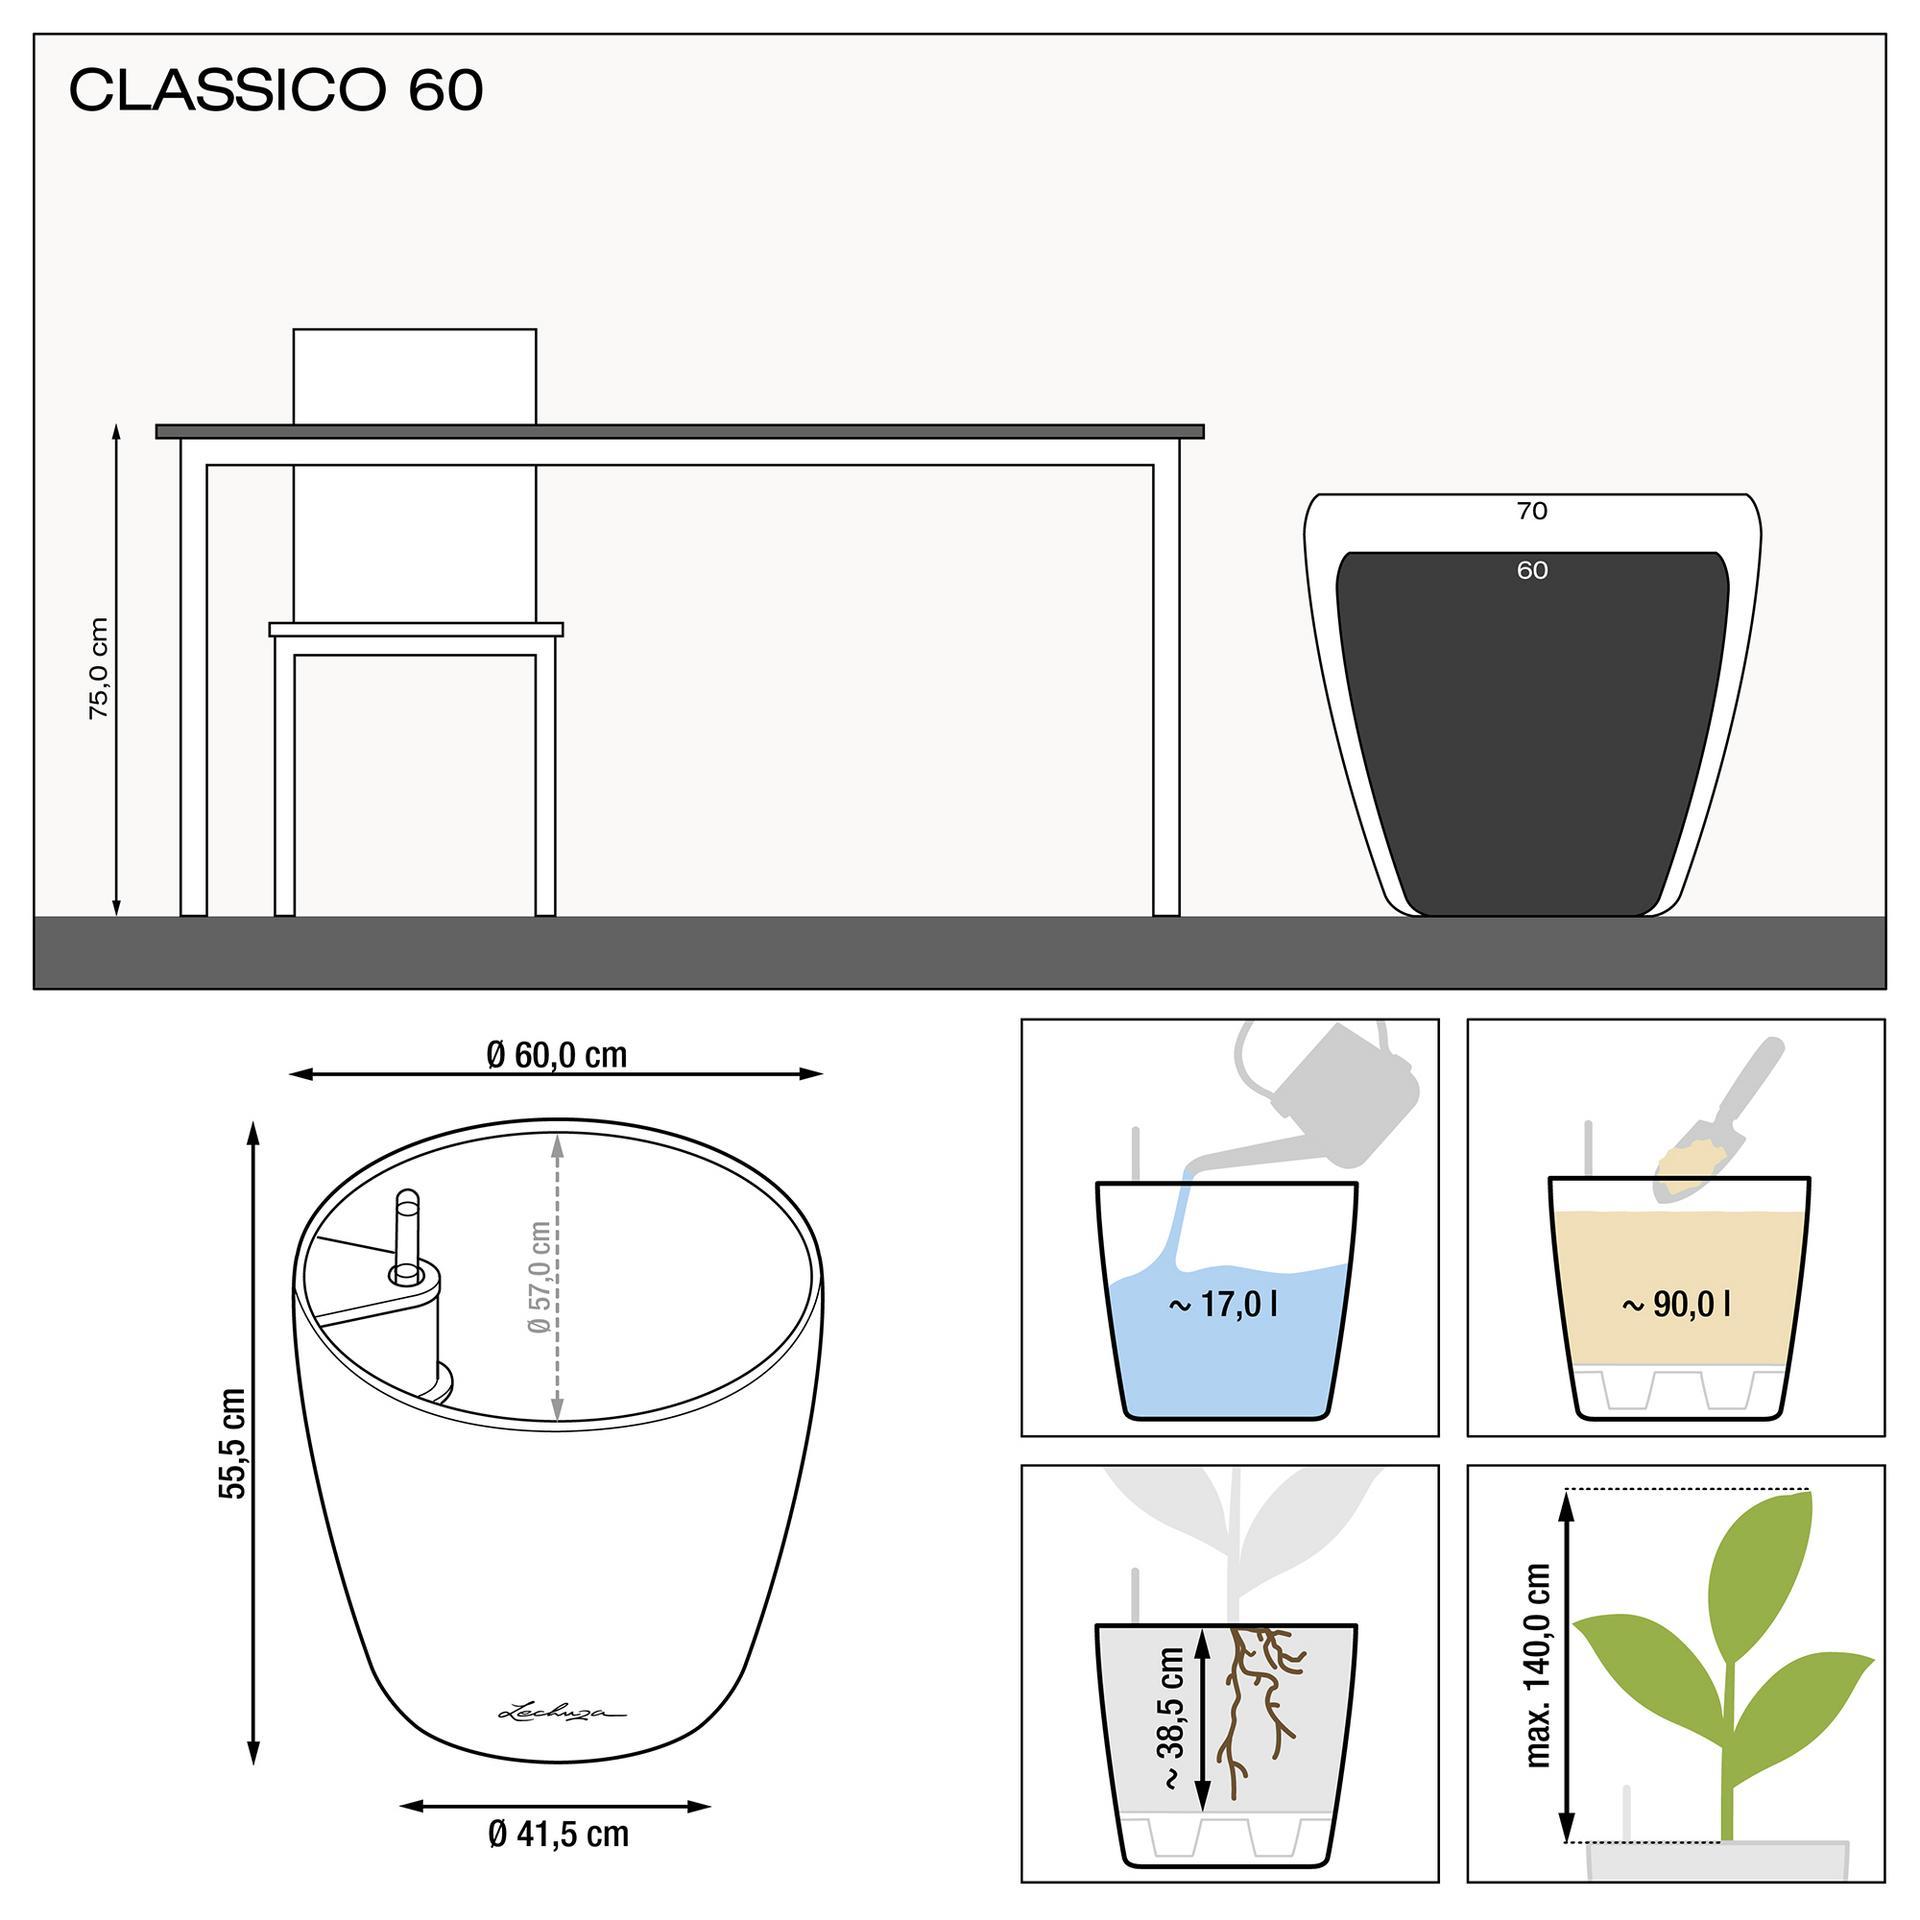 le_classico60_product_addi_nz